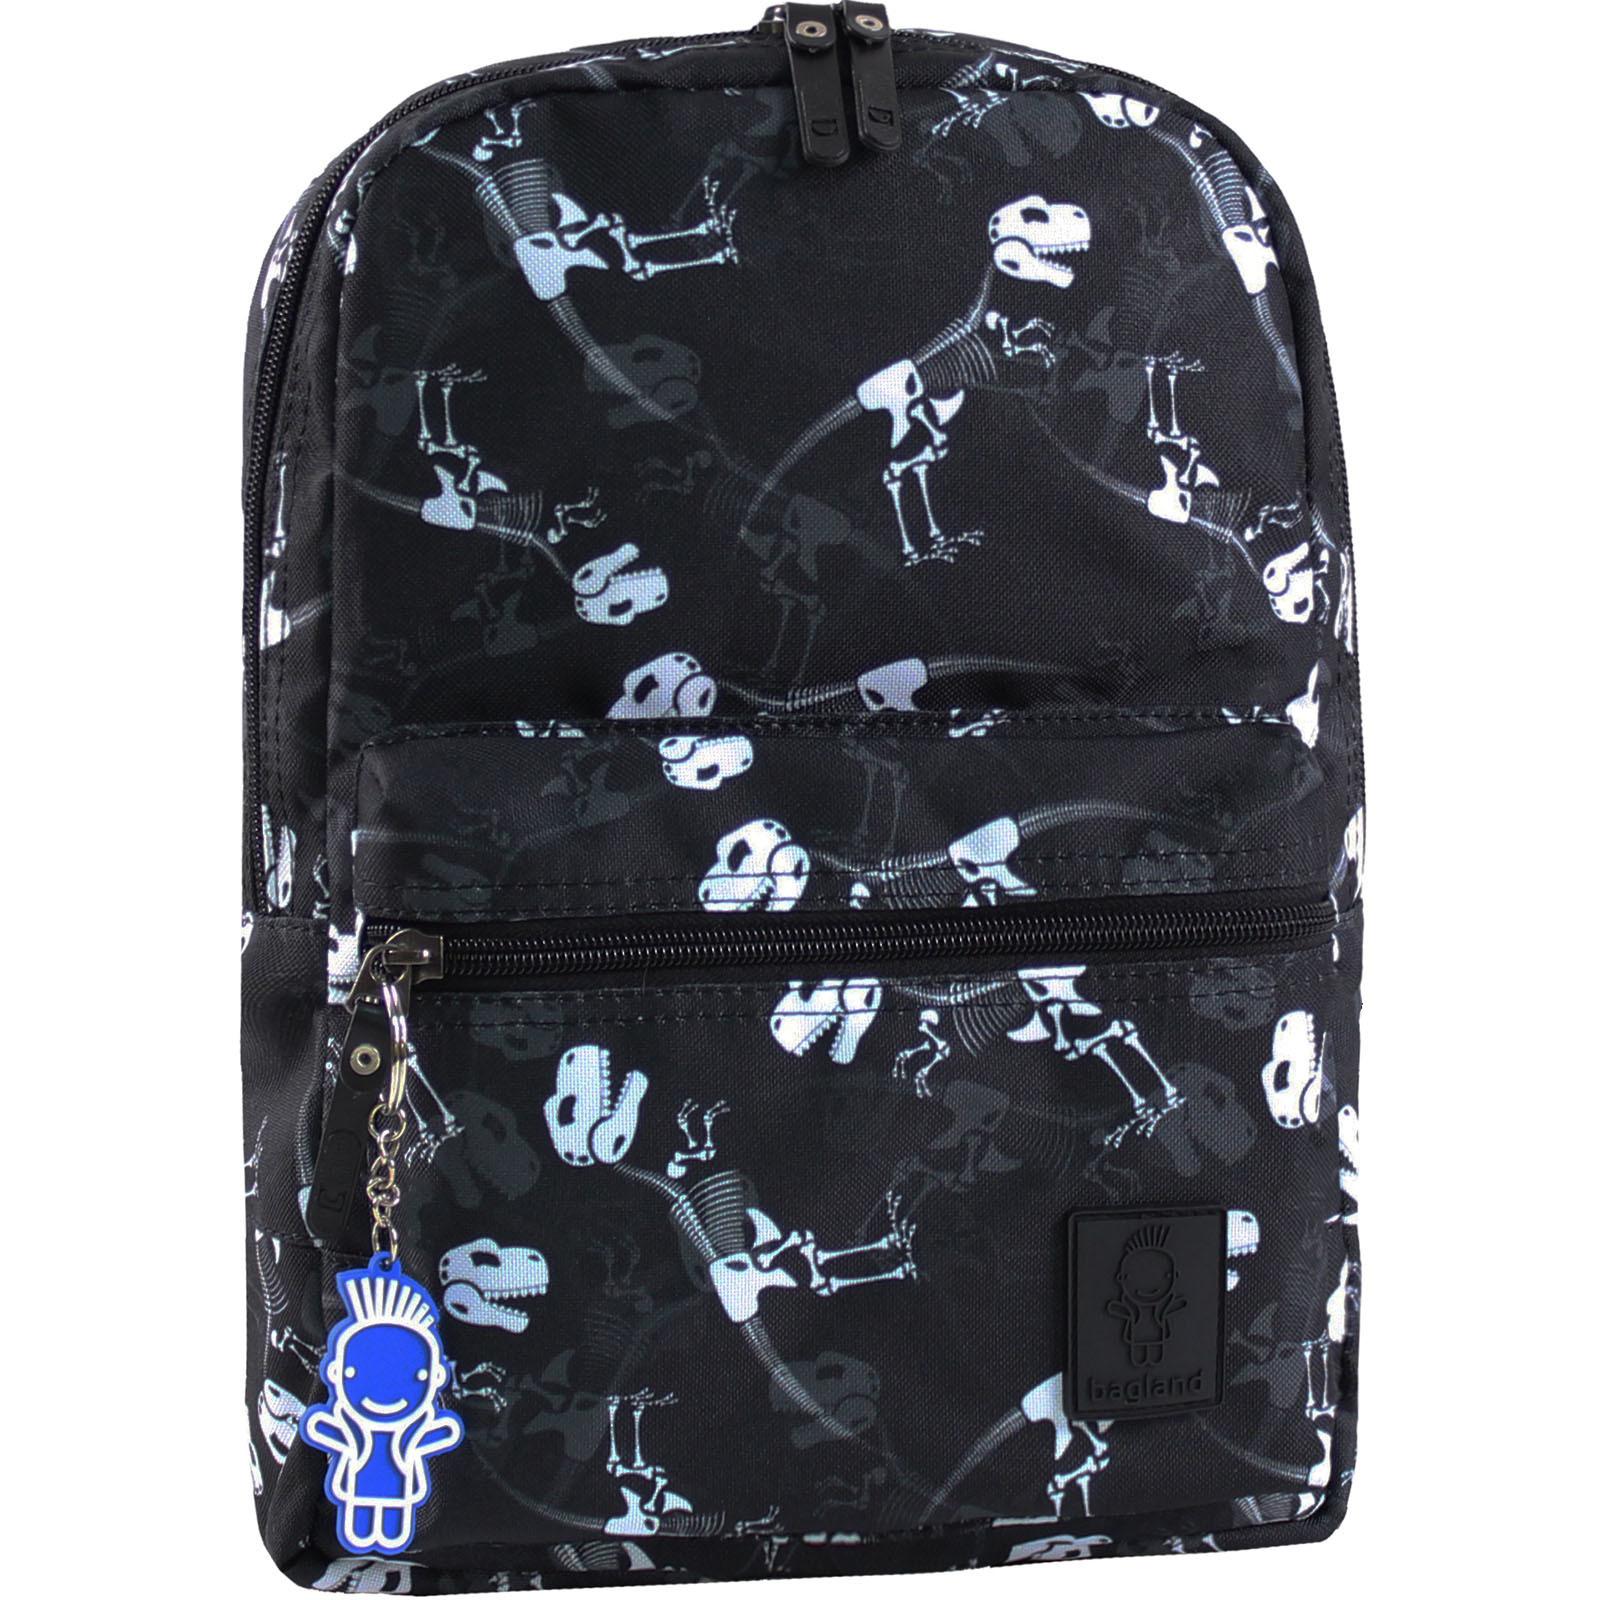 Детские рюкзаки Рюкзак Bagland Молодежный mini 8 л. сублимация 245 (00508664) IMG_9417.JPG